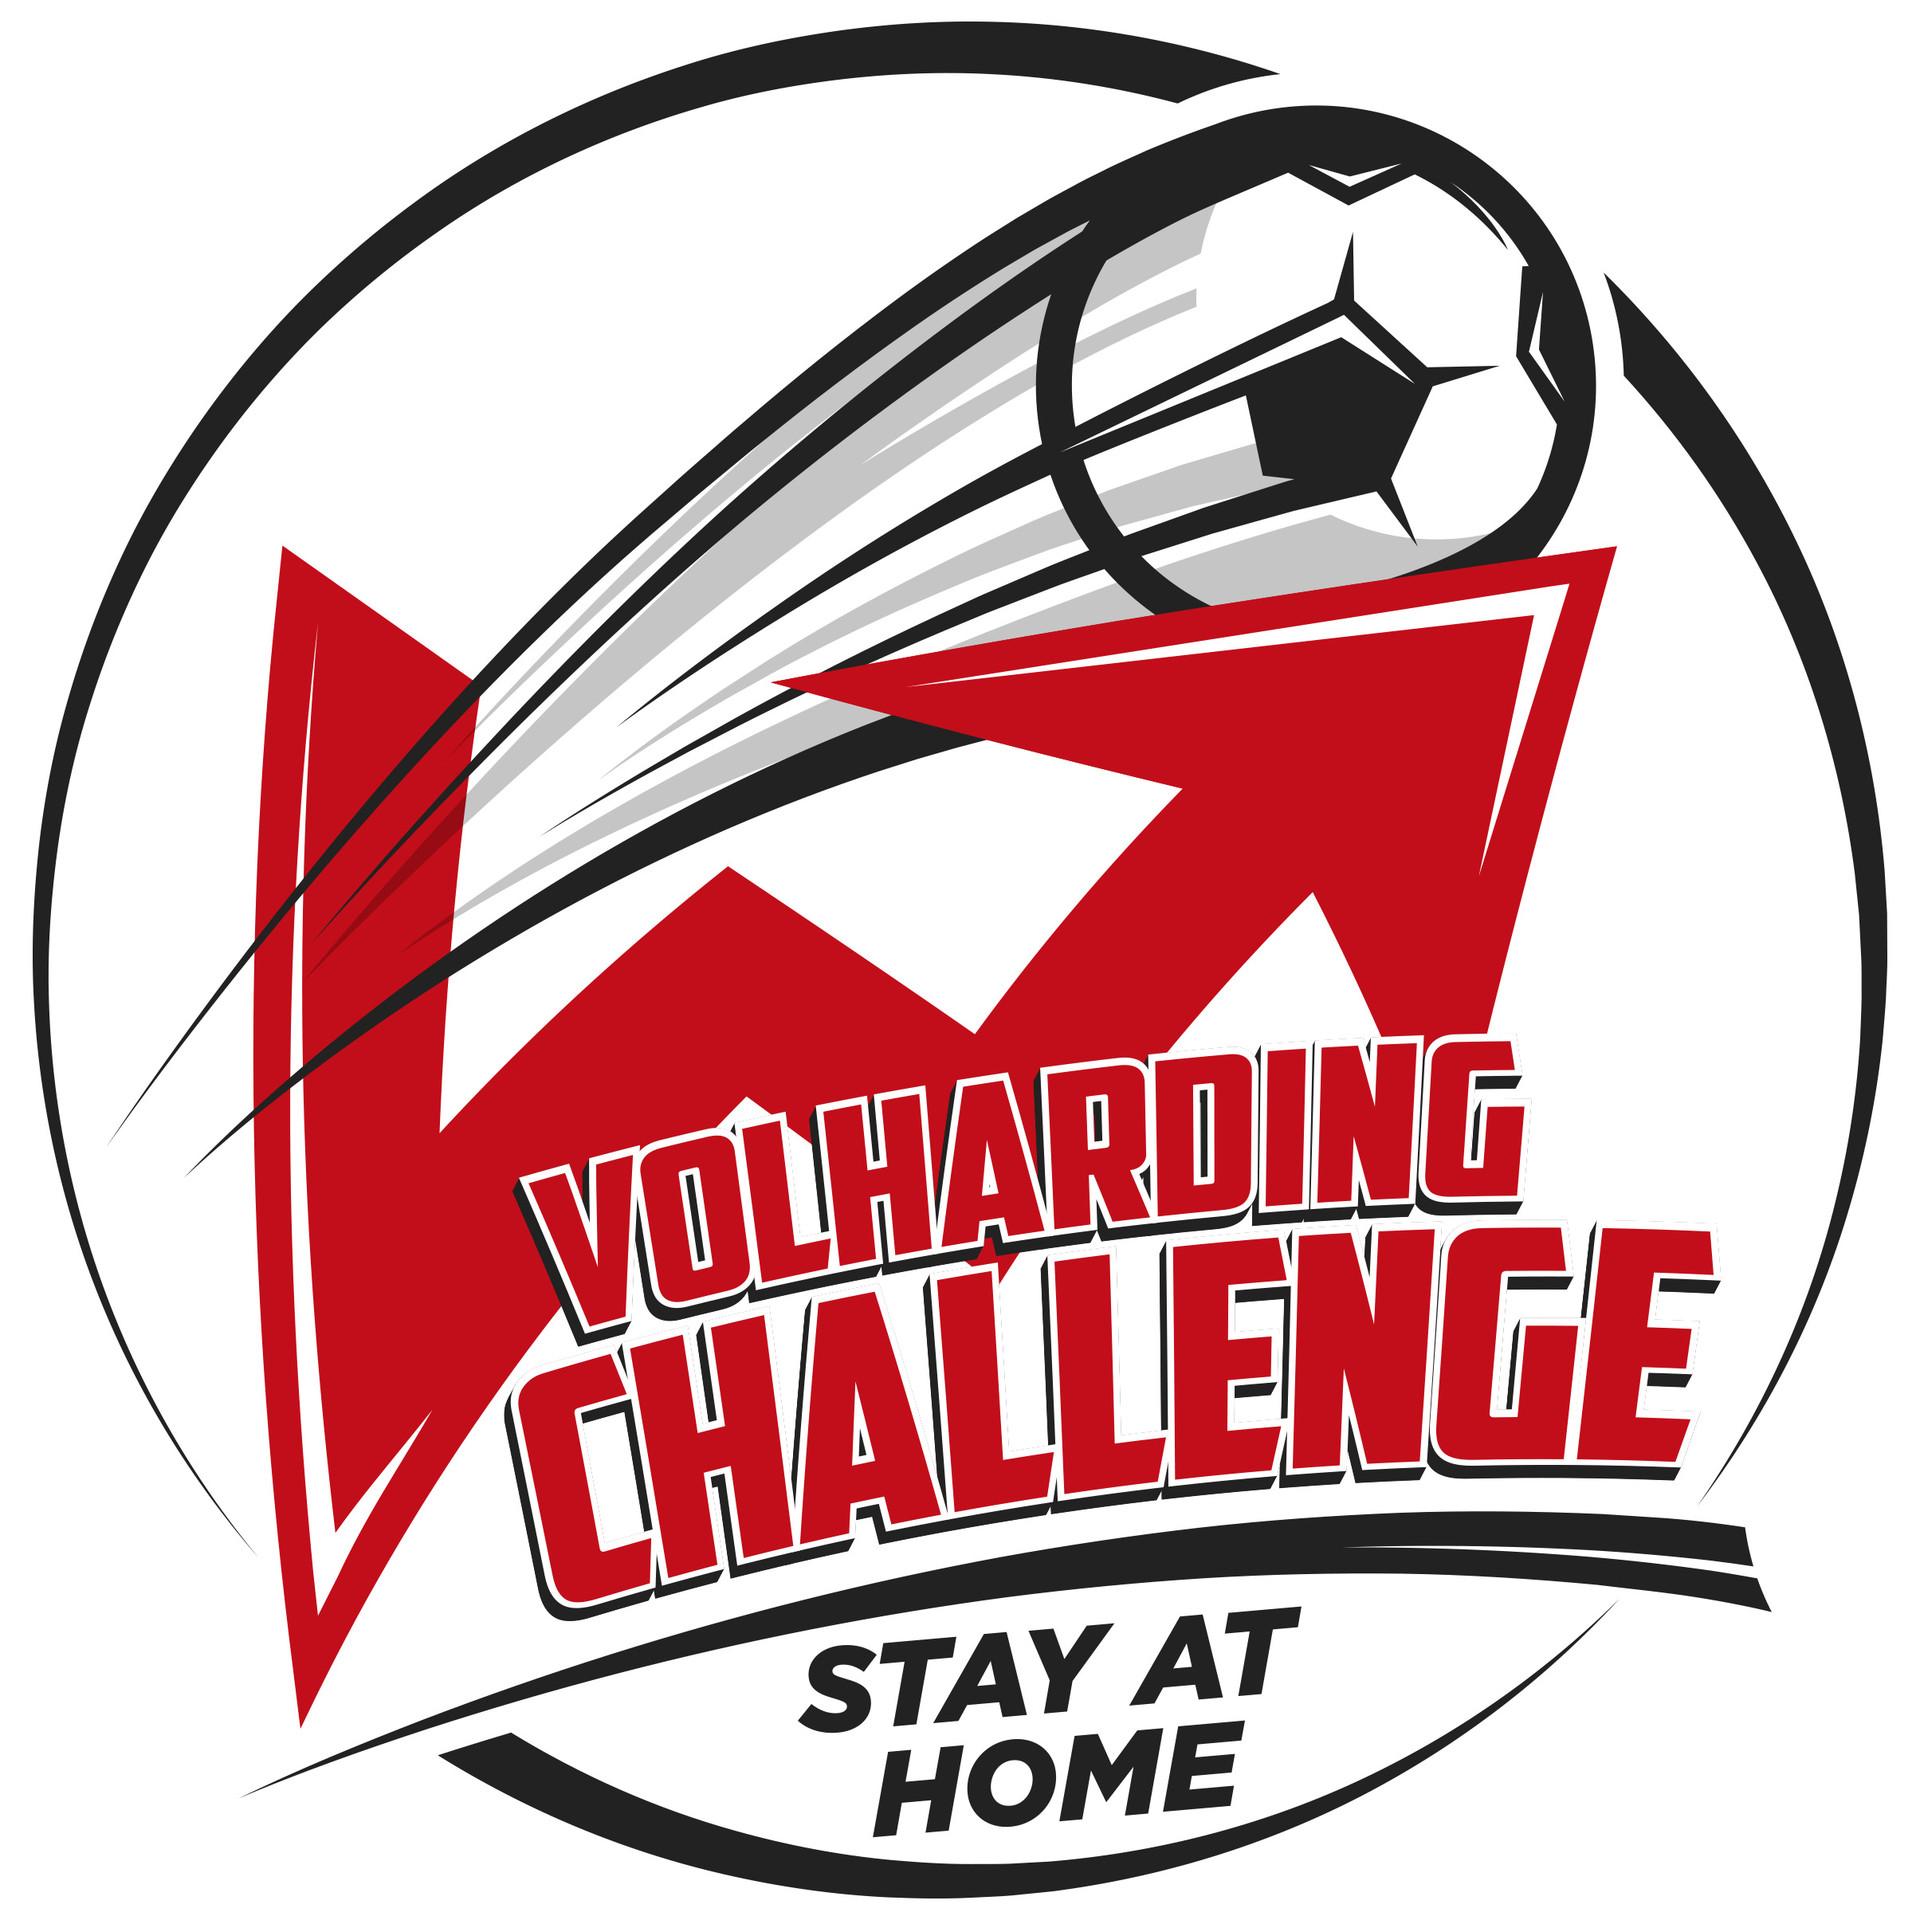 Volharding Challenge gaat van start (Stay at home)